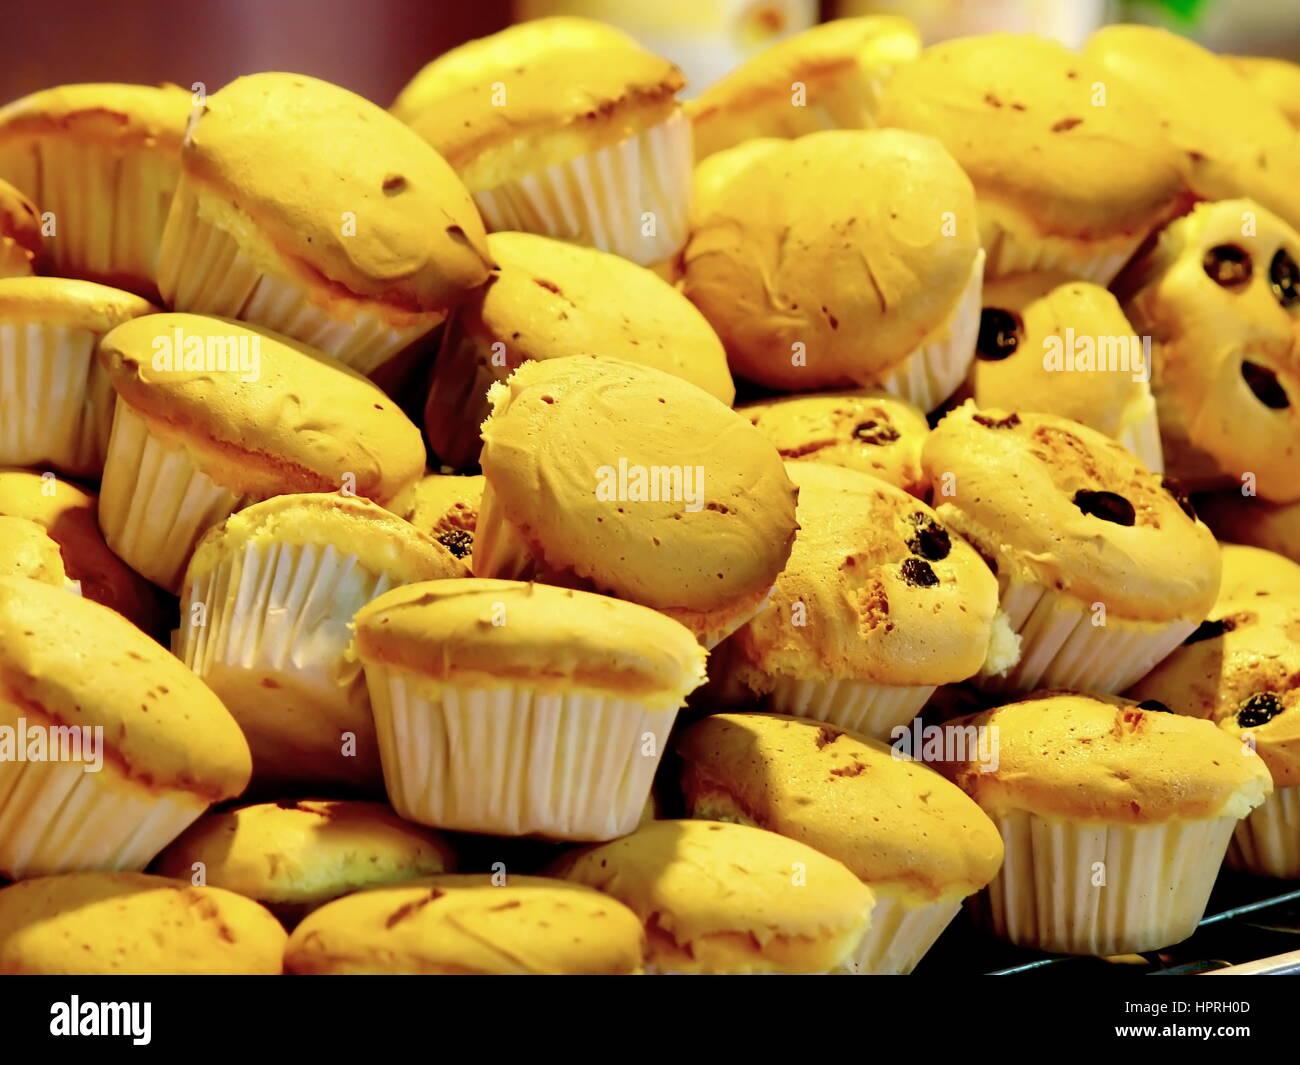 Thai Cupcake in Thai Local Market - Stock Image